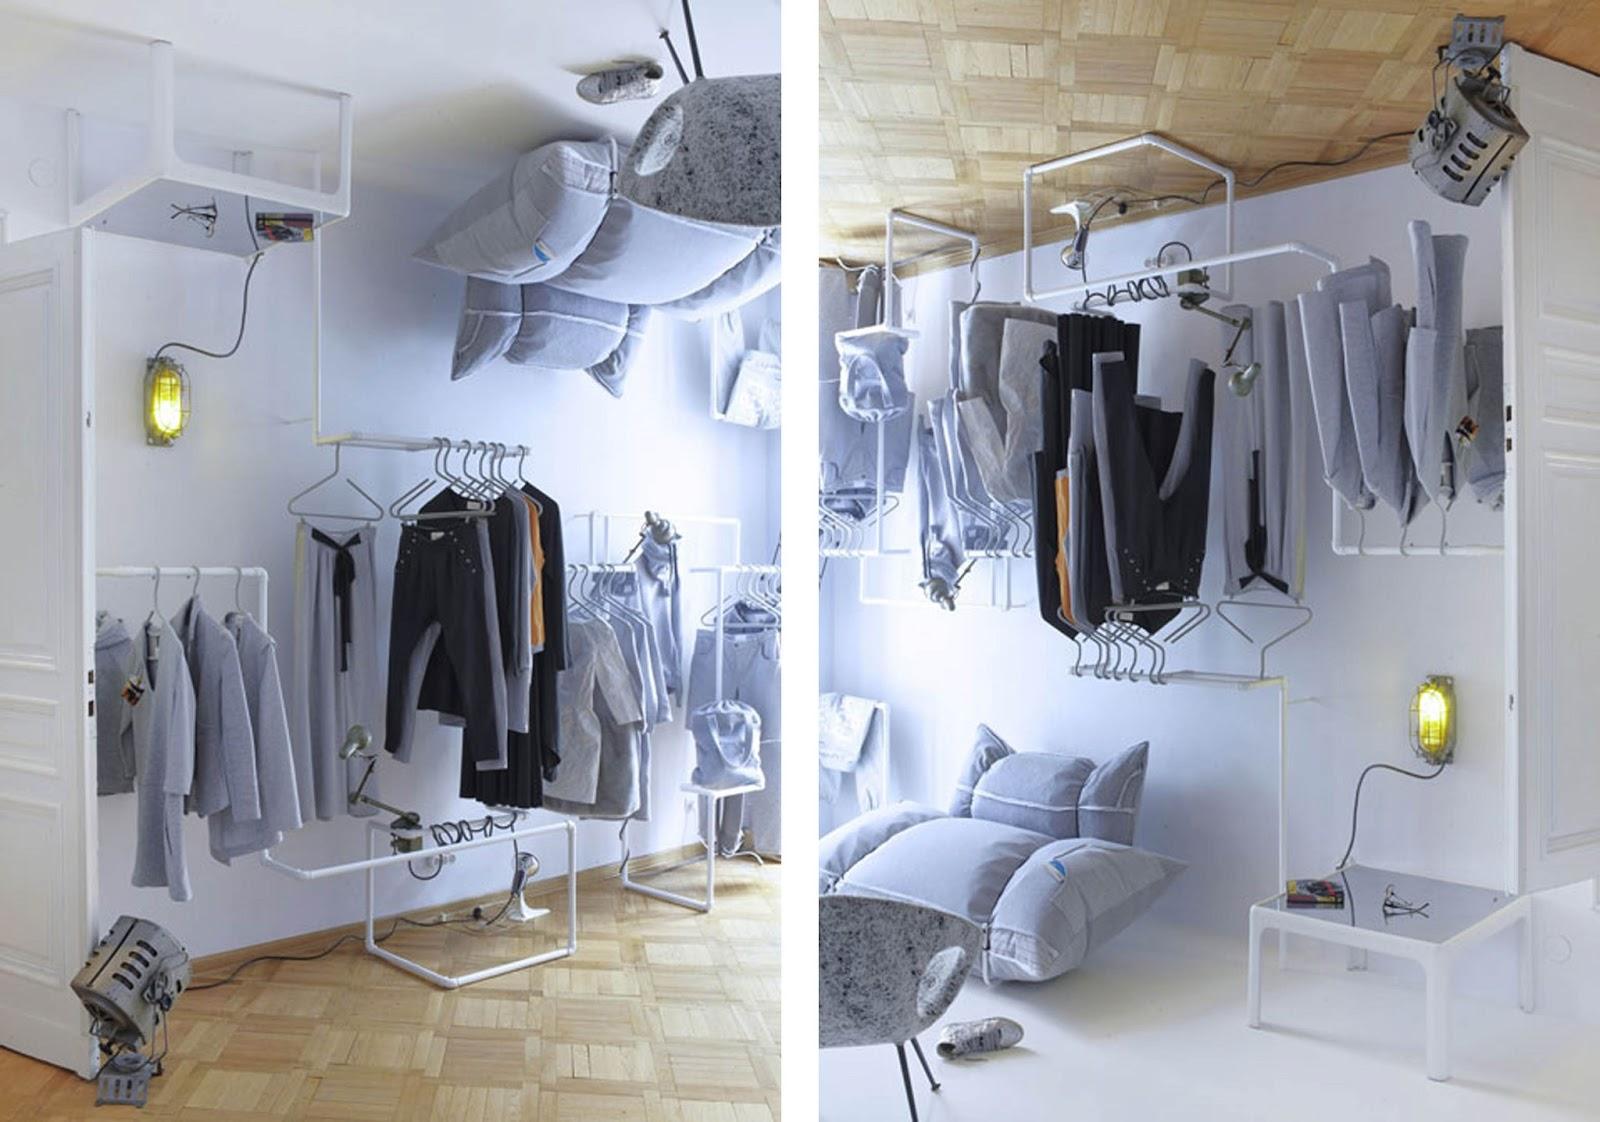 Cielo Dipinto Sul Soffitto: Interior design - pagina 7 di 12 spazio soluzioni.